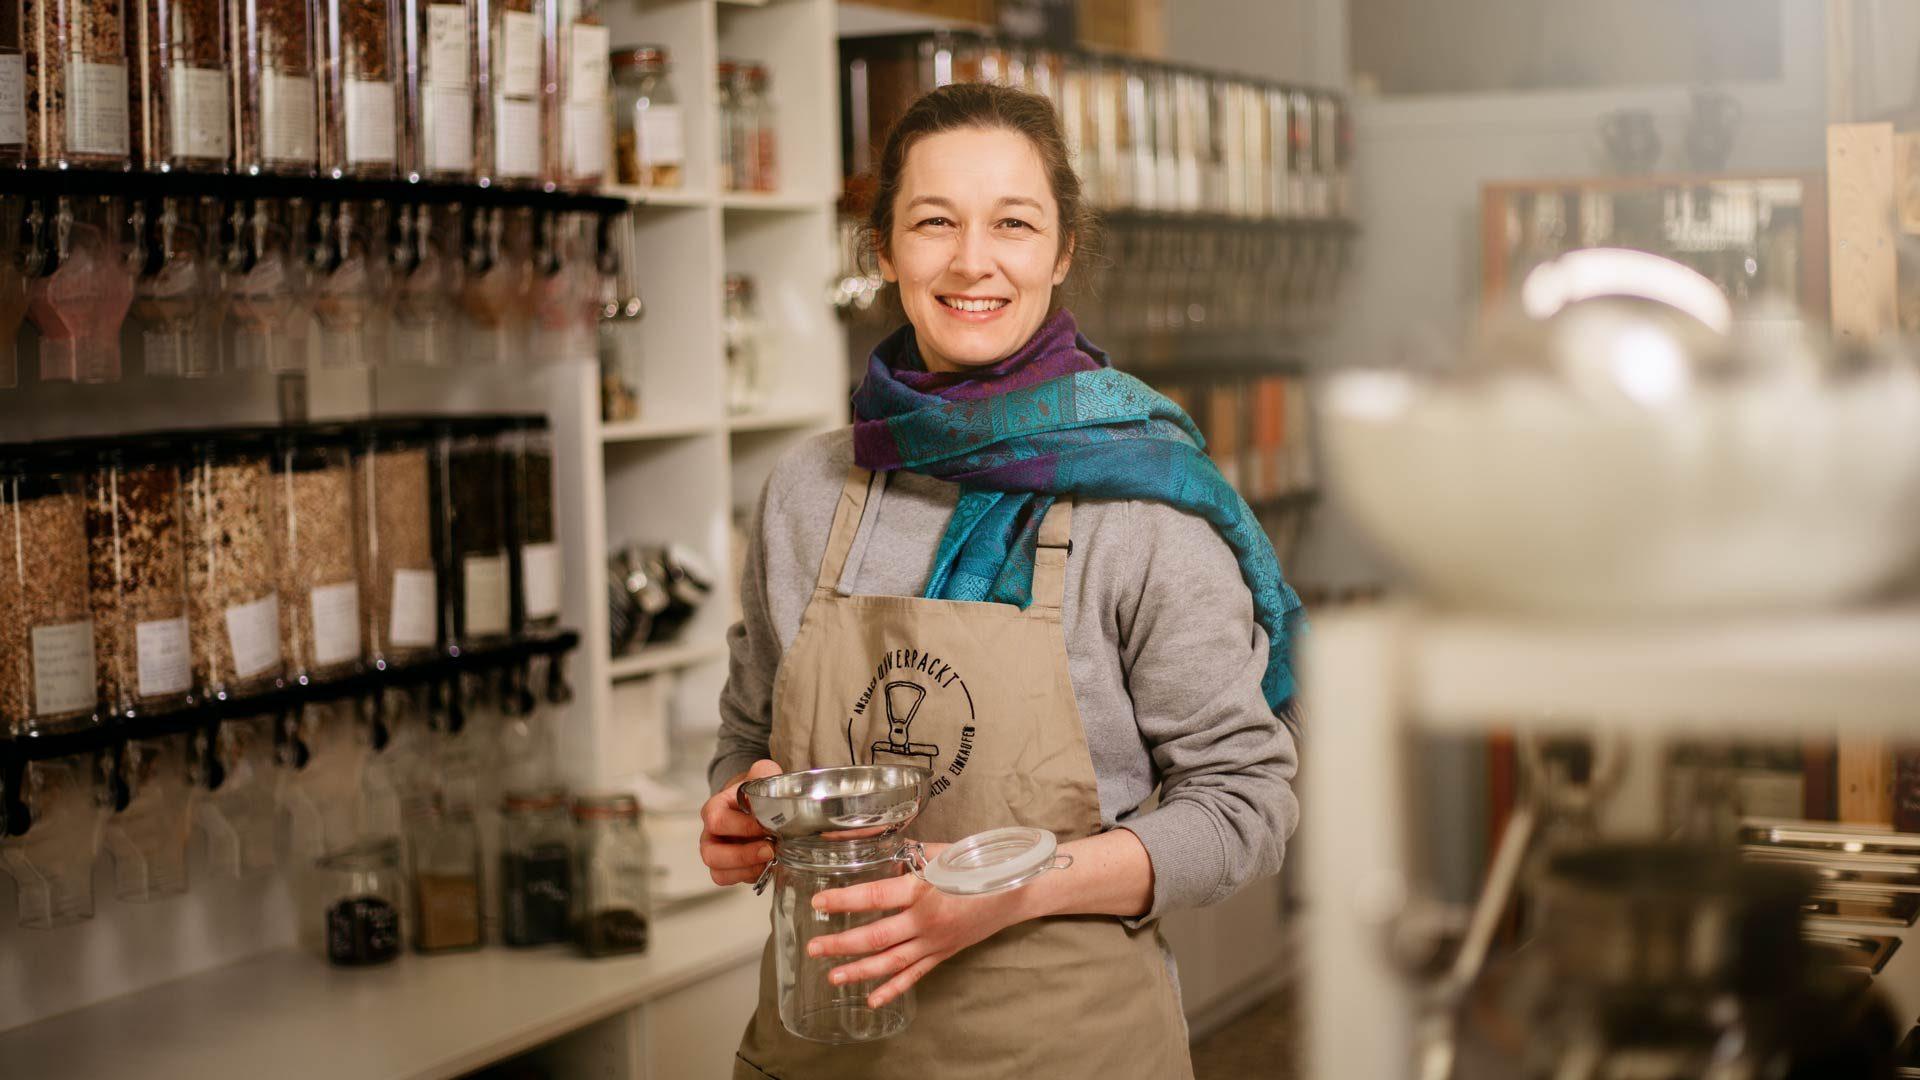 Ansbach Unverpackt Einladen - Umweltschonend und nachhaltig einkaufen